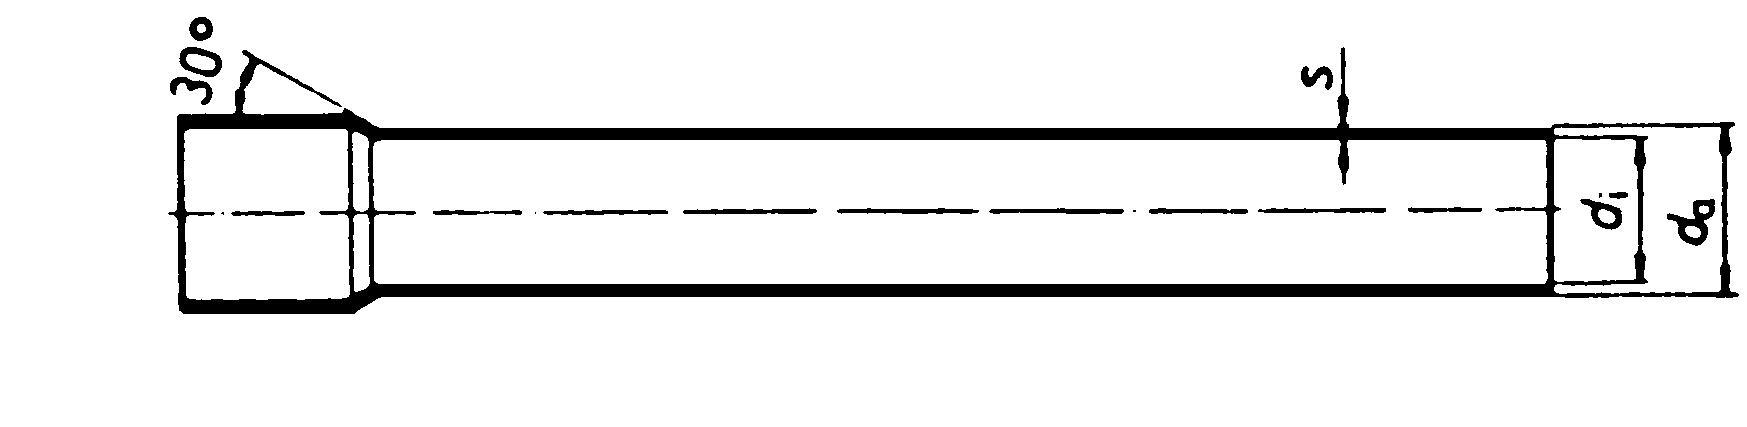 KSR 110/3 Kabelschutzrohr 450N